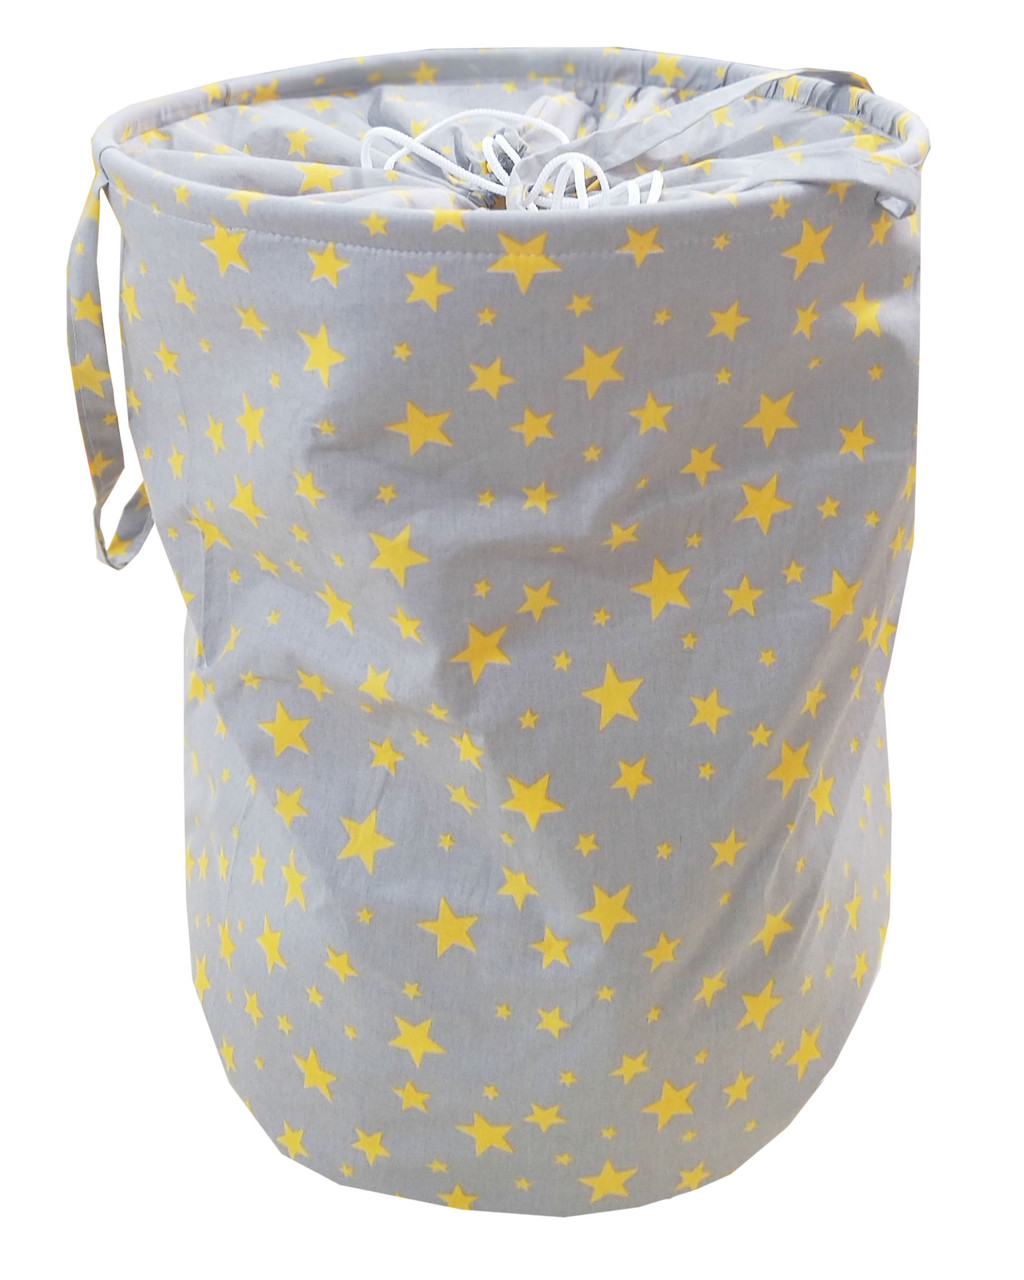 Мішок для зберігання іграшок, 40*50 см, (бавовна), Зірки на сірому